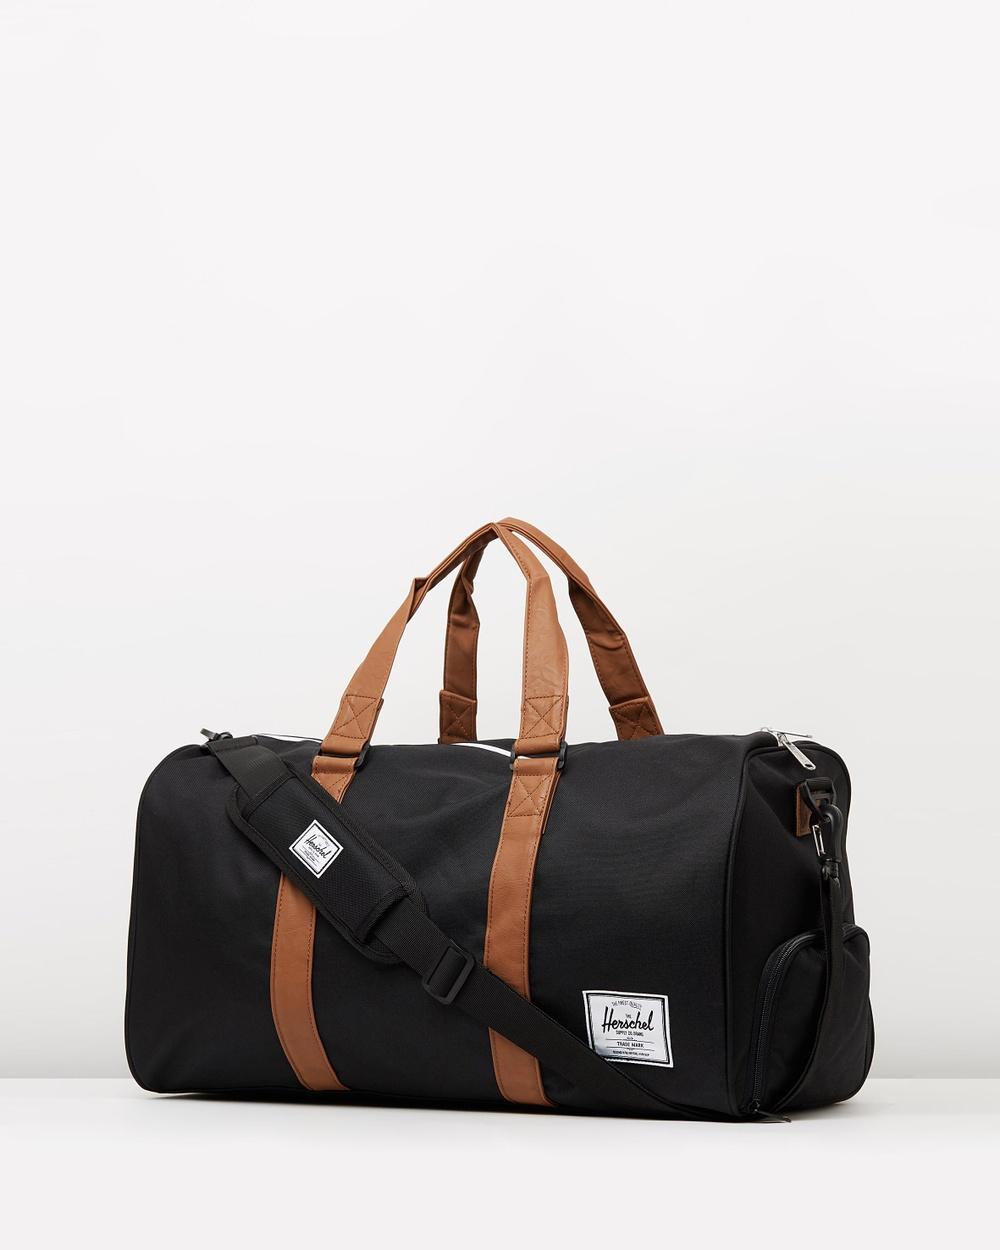 Herschel Novel Duffle Bags Black & Tan Australia